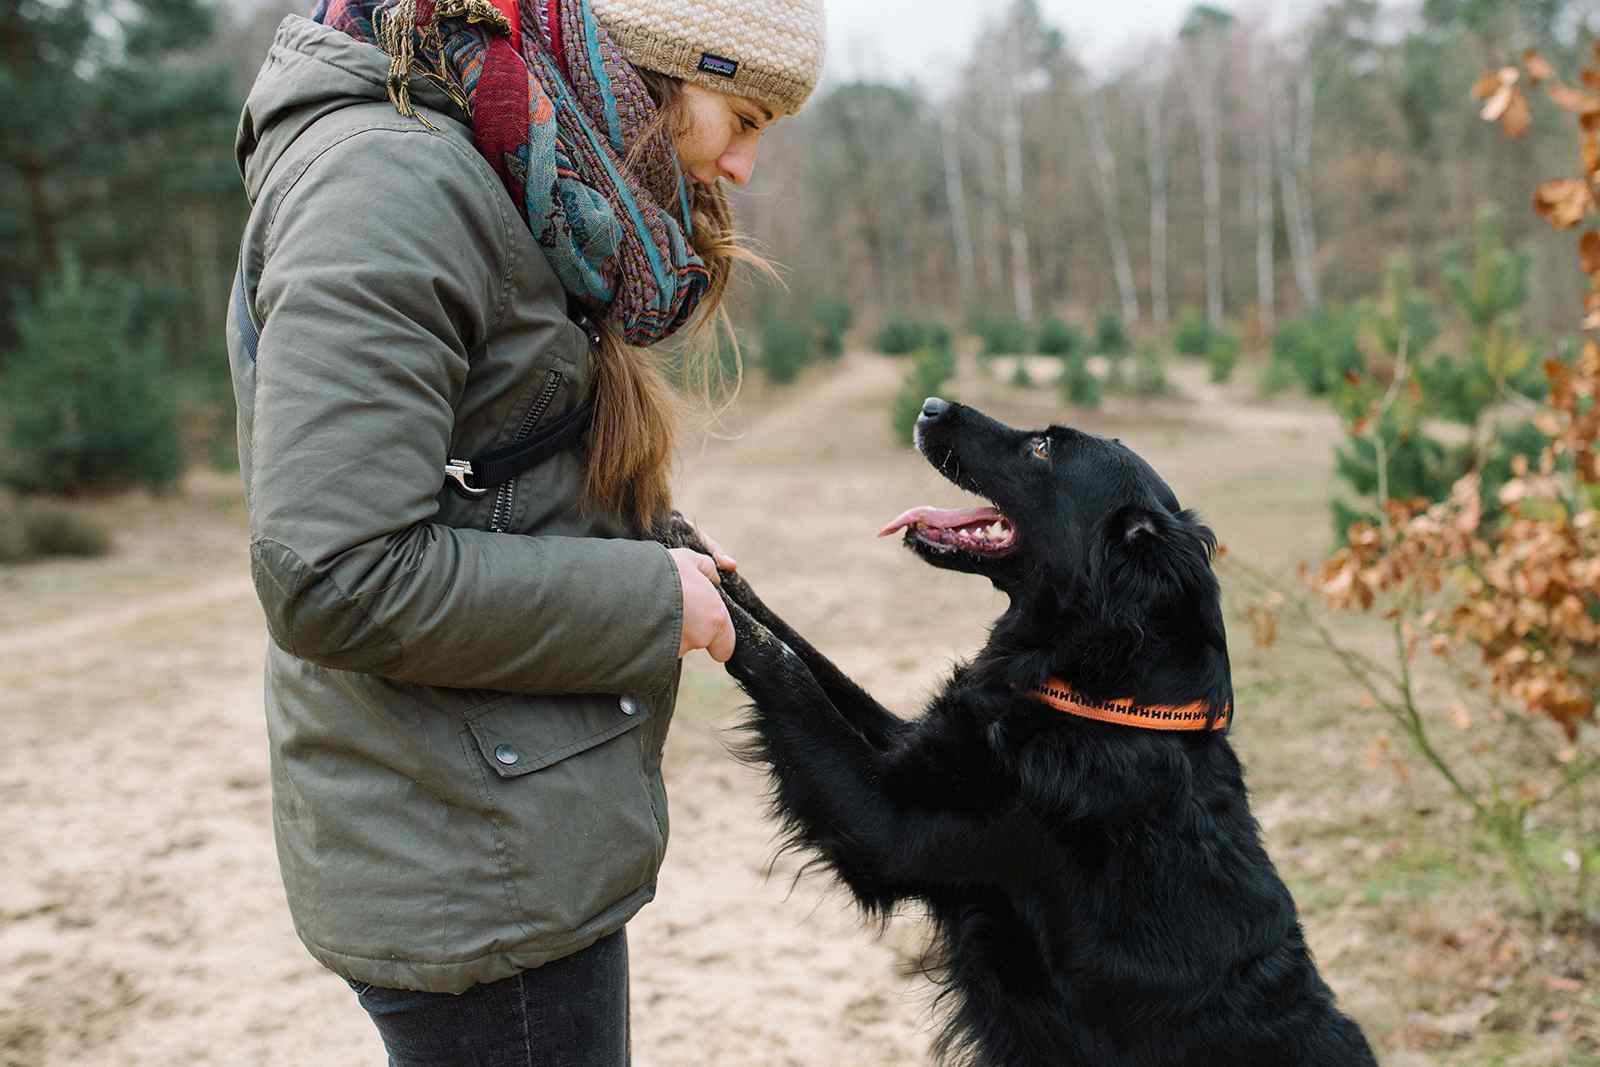 Hund macht Männchen, Frau hält dessen Pfoten in der Hand